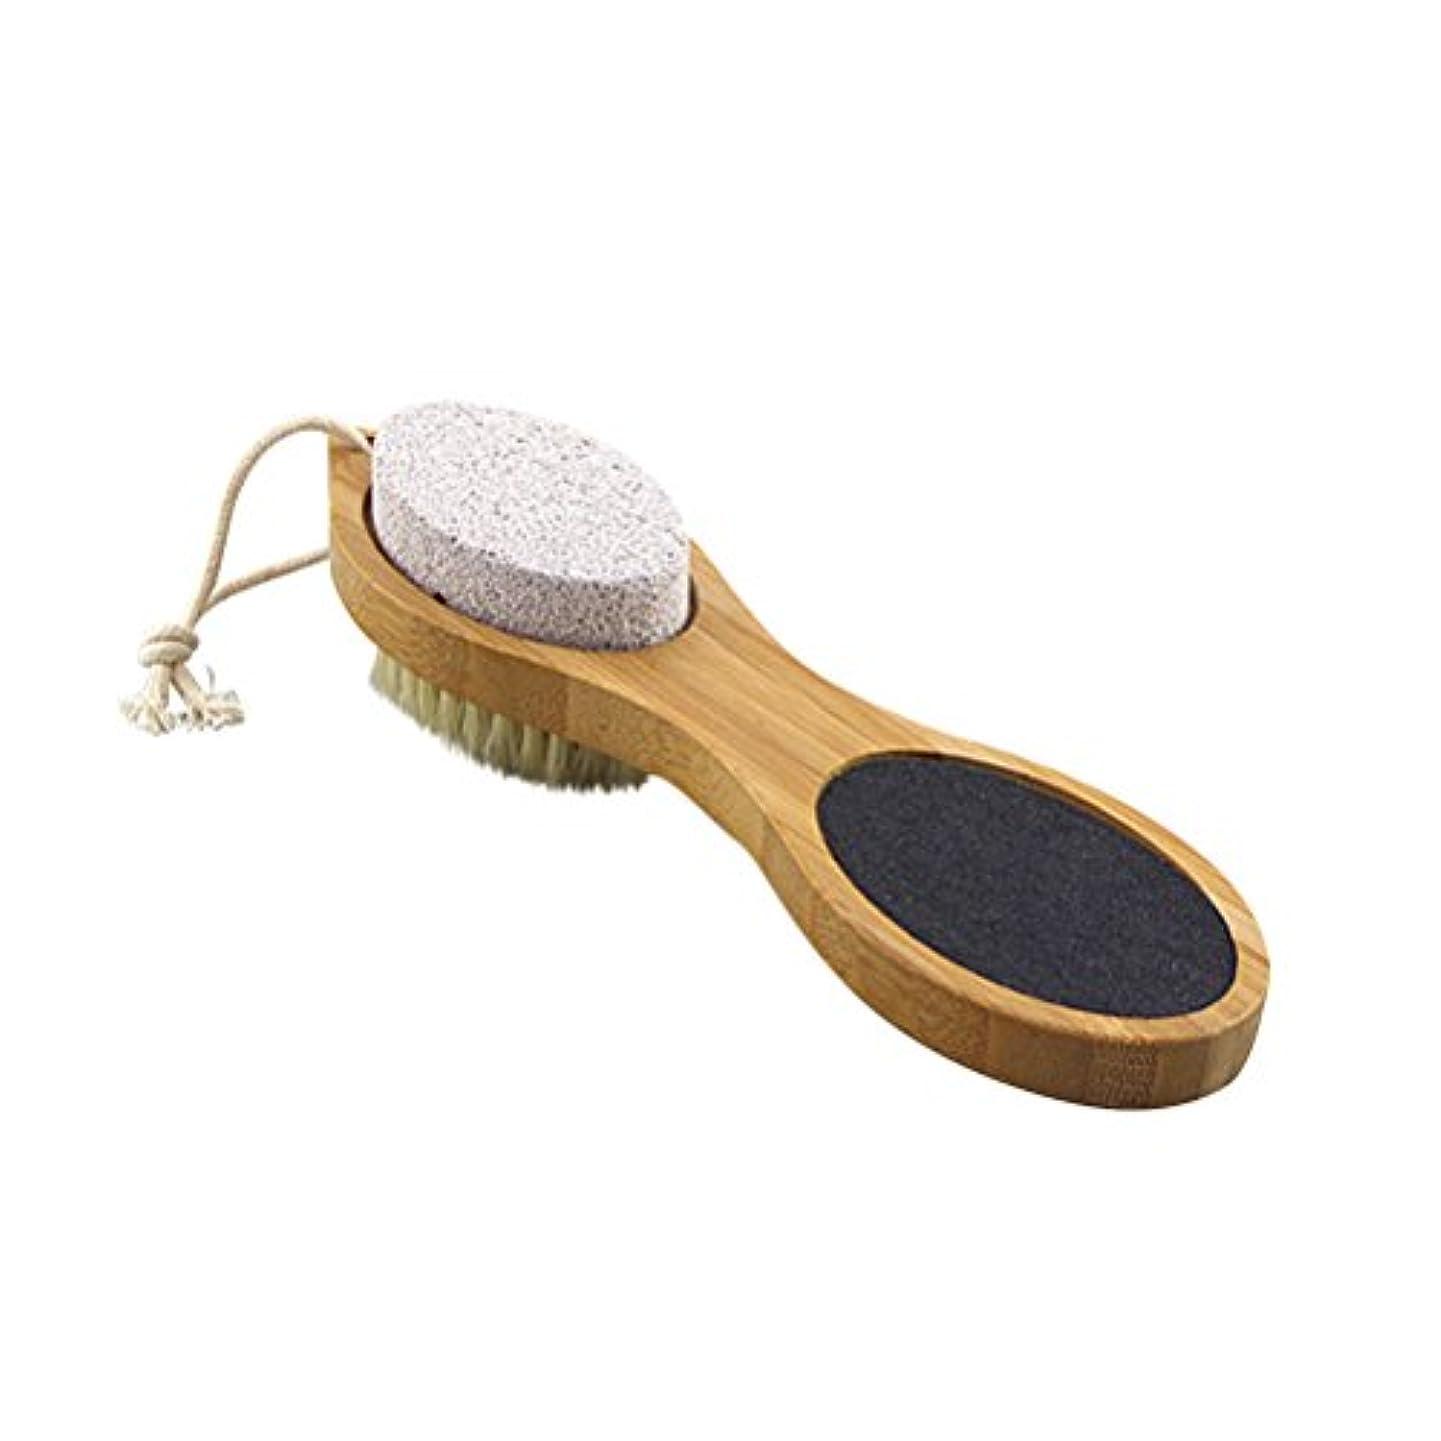 スキム達成可能デコードするULTNICE 足ブラシ 角質除去 毛ブラシ?砂ブラシ?軽石ブラシ?鋼ブラシ ボディブラシ フットマッサージ